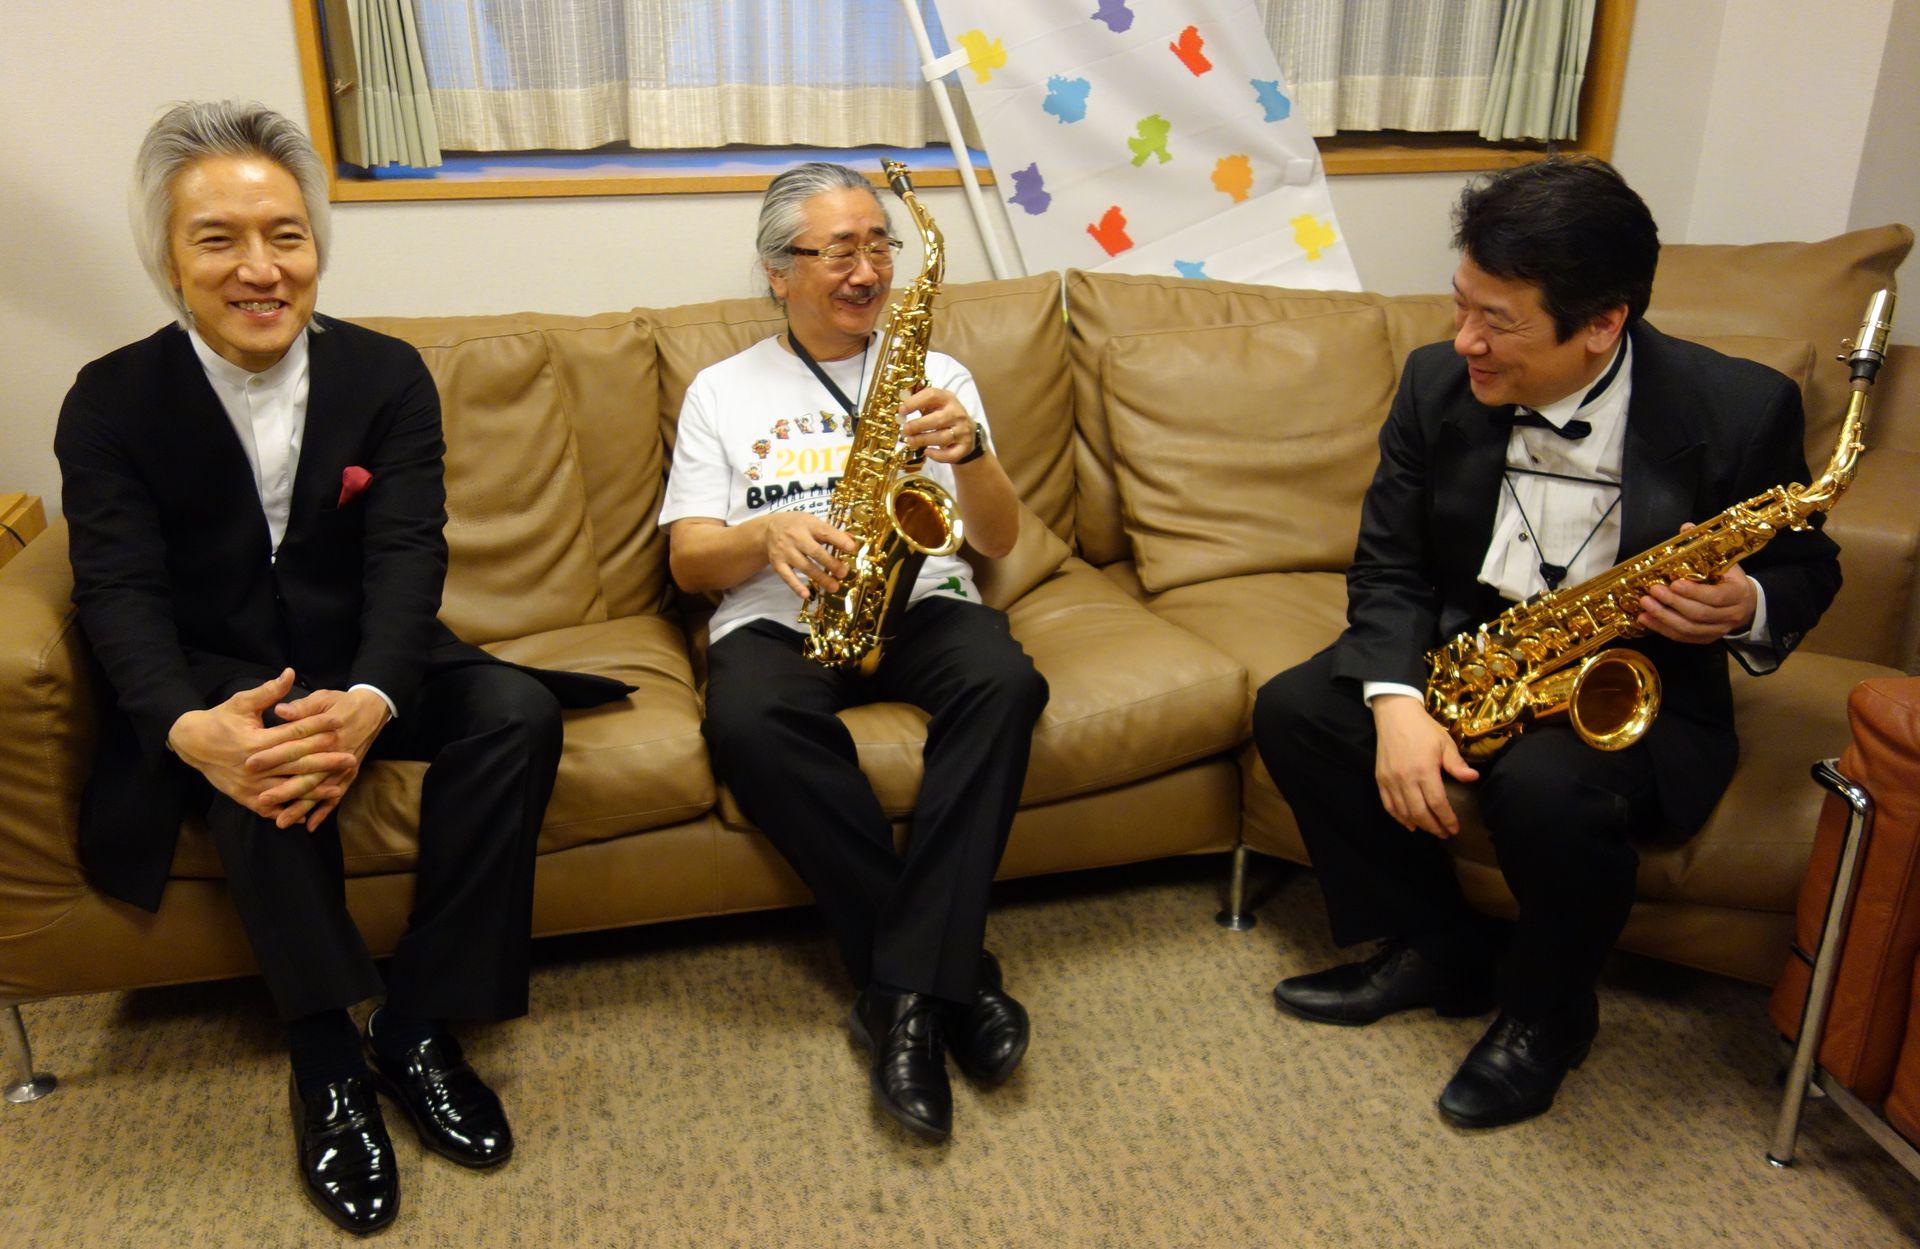 初演を終えてリラックスした表情の3人。左から指揮者の栗田博文氏、作曲家兼制作総指揮の植松伸夫氏、コンサートマスター兼サックス奏者の榮村正吾氏